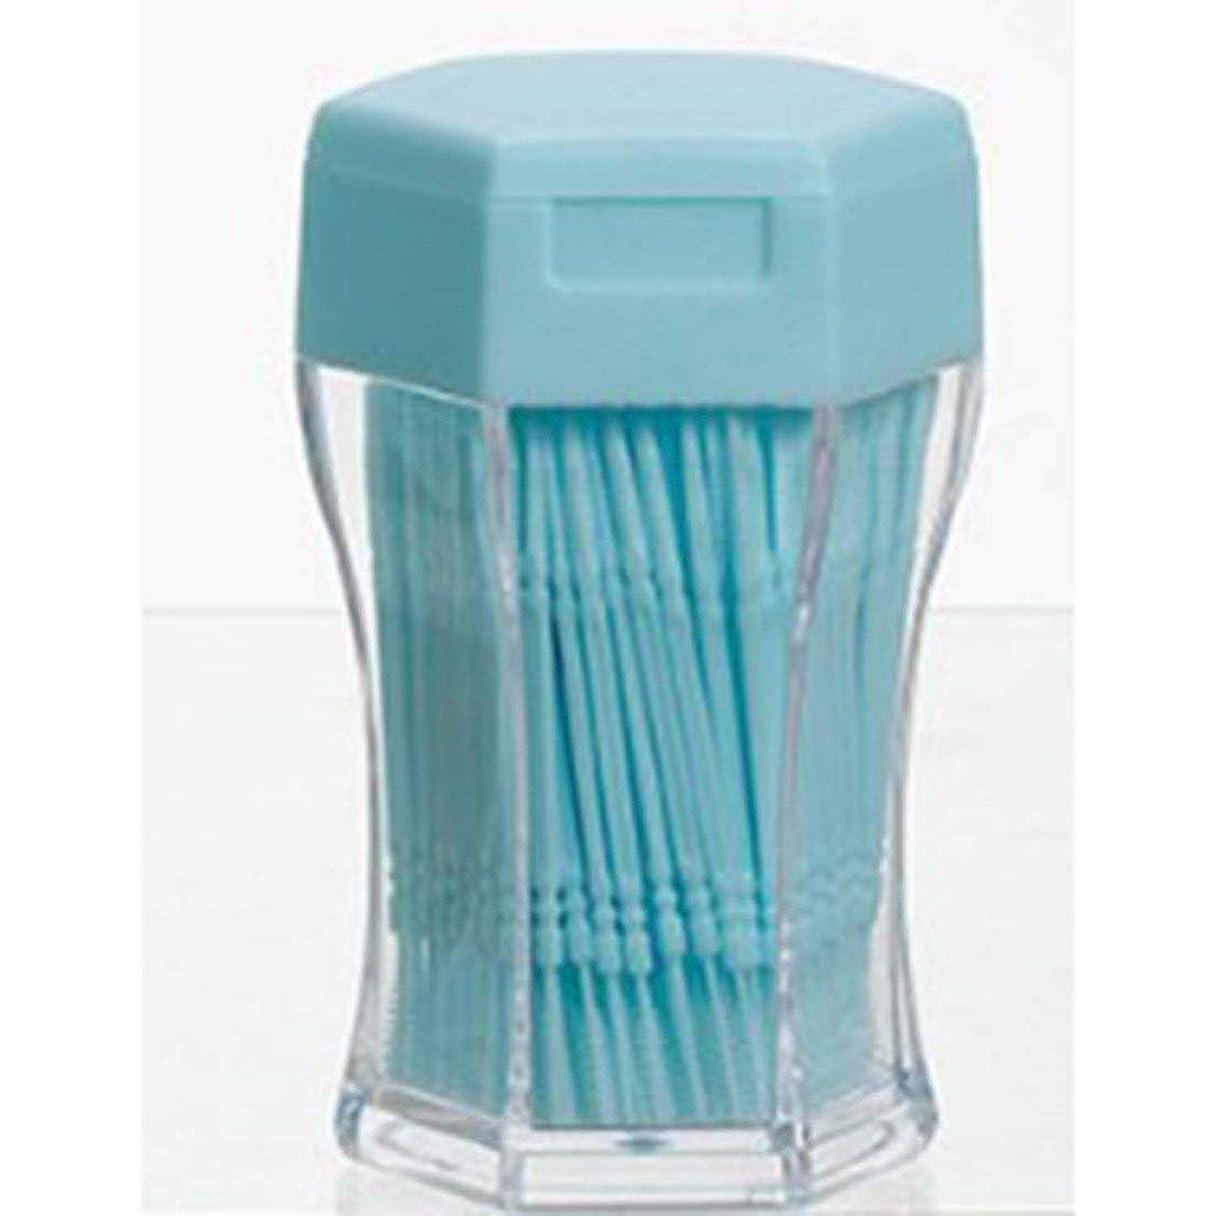 フラグラントマリン歌詞200ピース/セットダブルヘッド歯フロス衛生デンタルフロスプラスチック歯間つまようじ健康用歯のクリーニングオーラルケア - ブルー